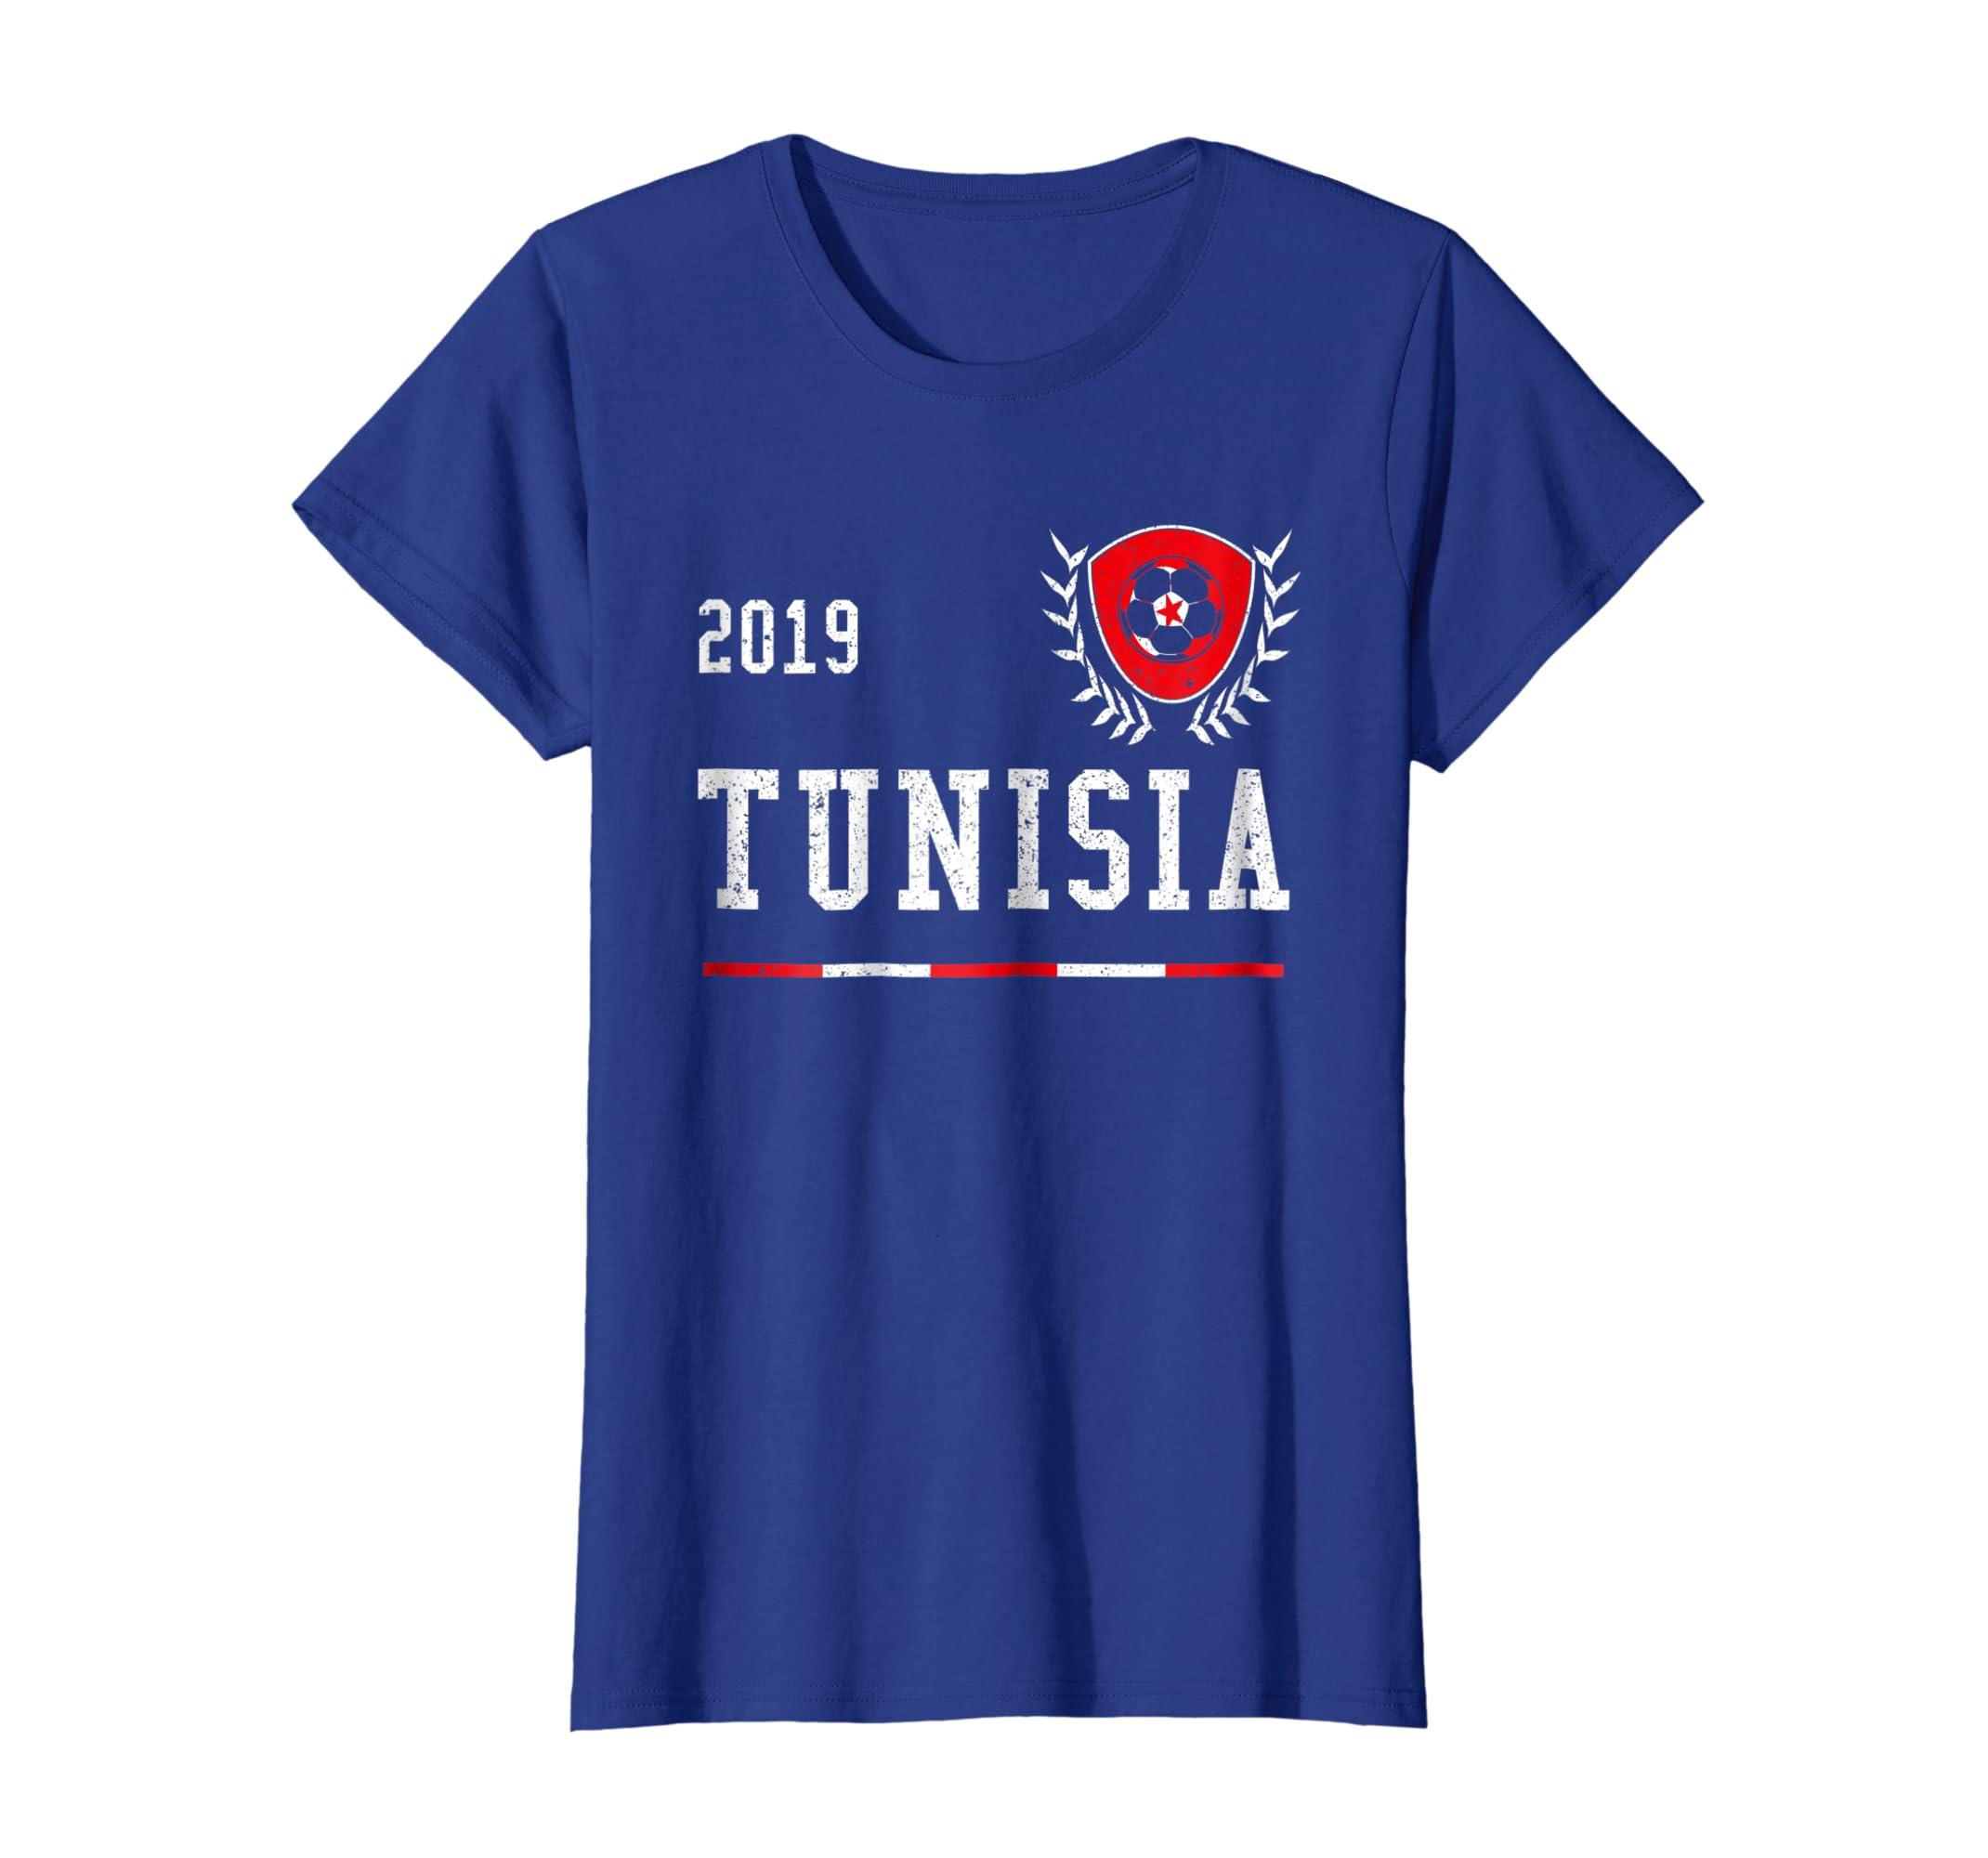 e5aed7945 Amazon.com  Tunisia Football Jersey 2019 Tunisian Soccer T-shirt  Clothing